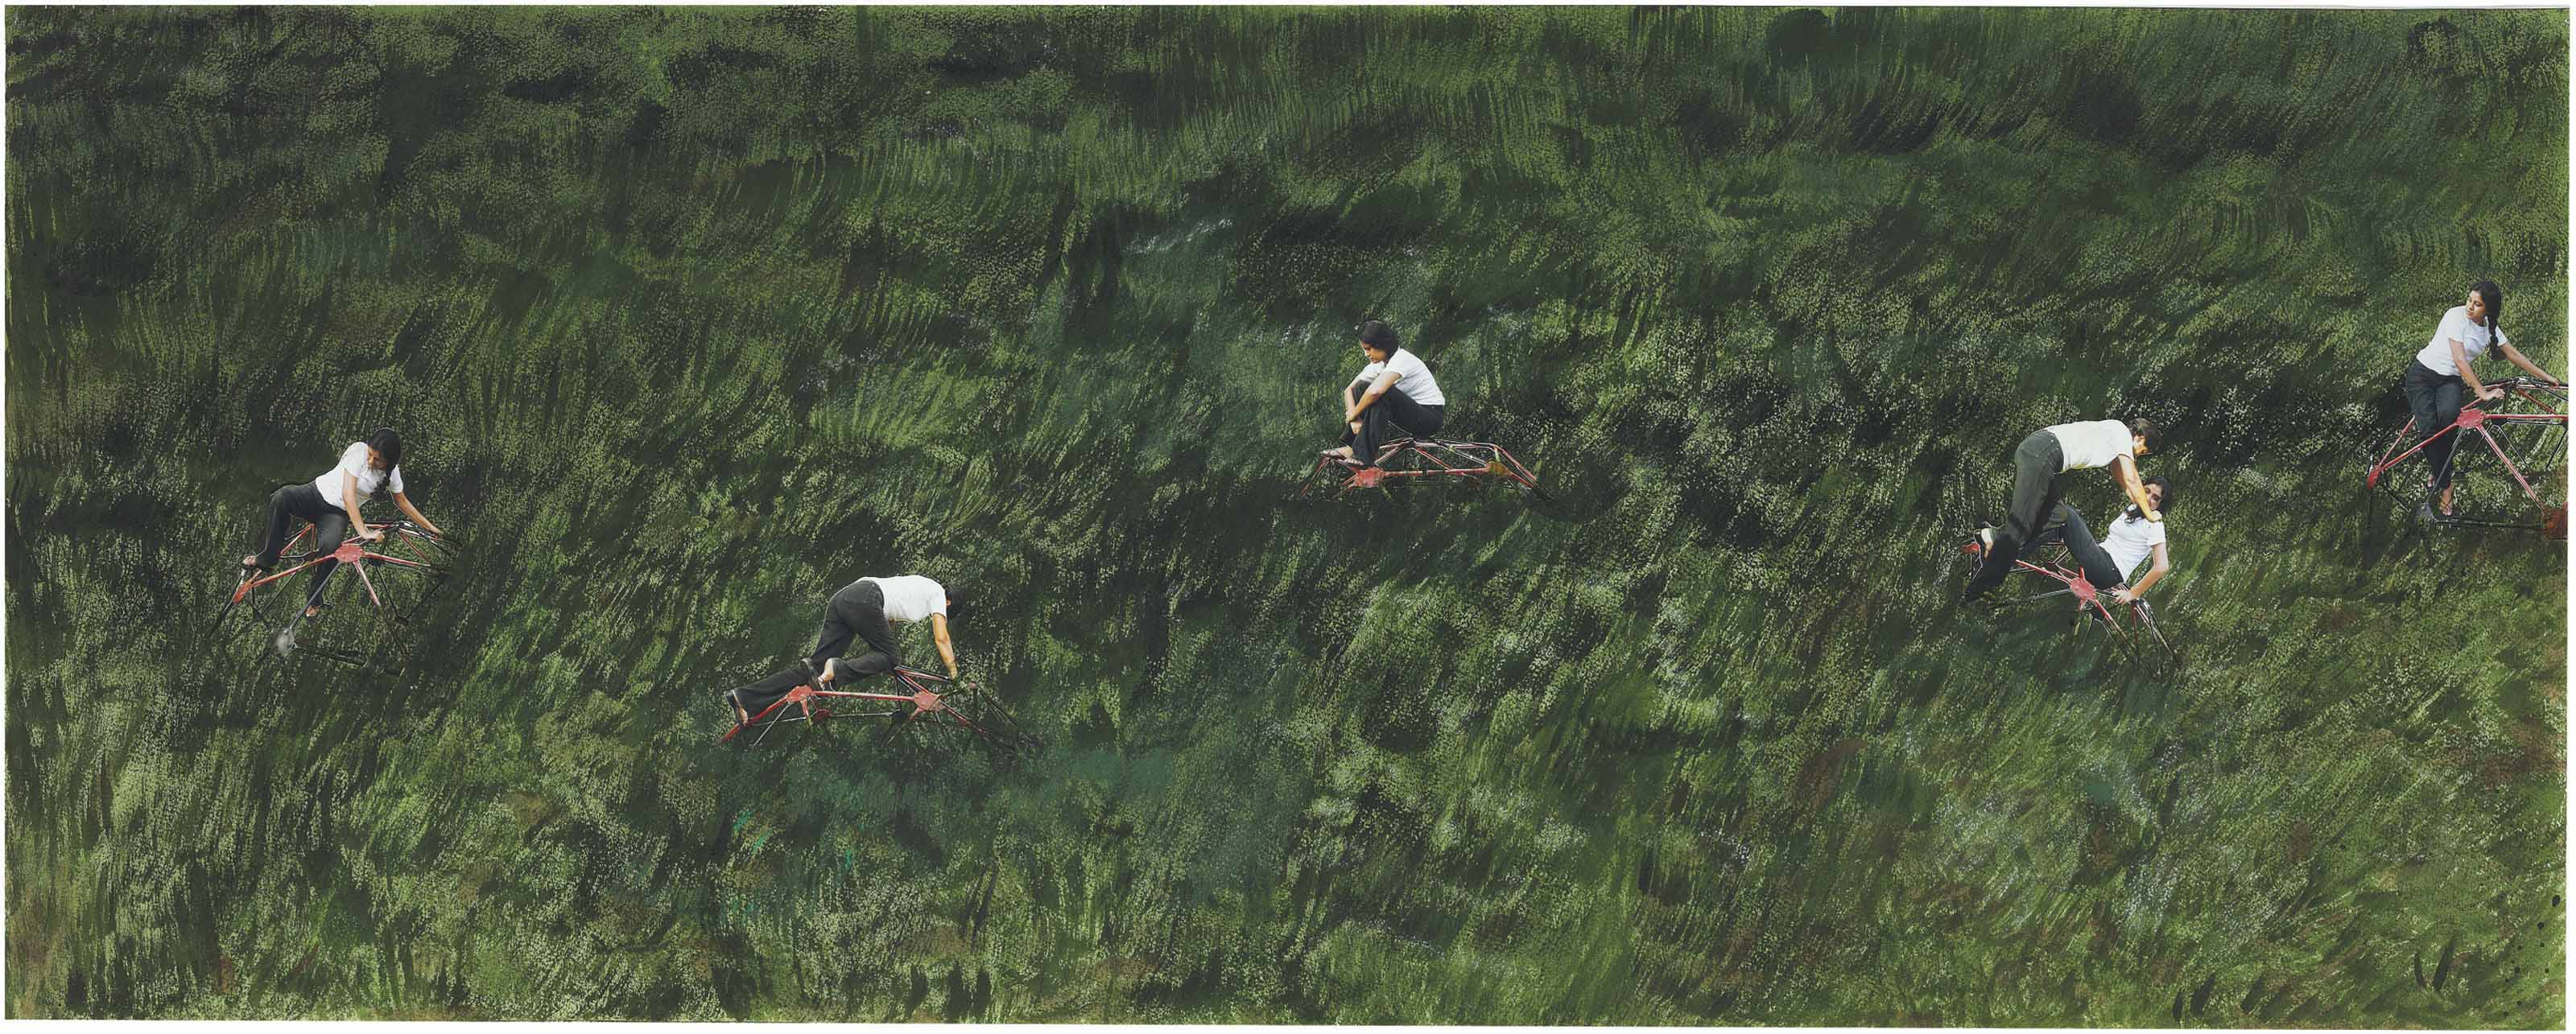 Of Vanishing Playgrounds